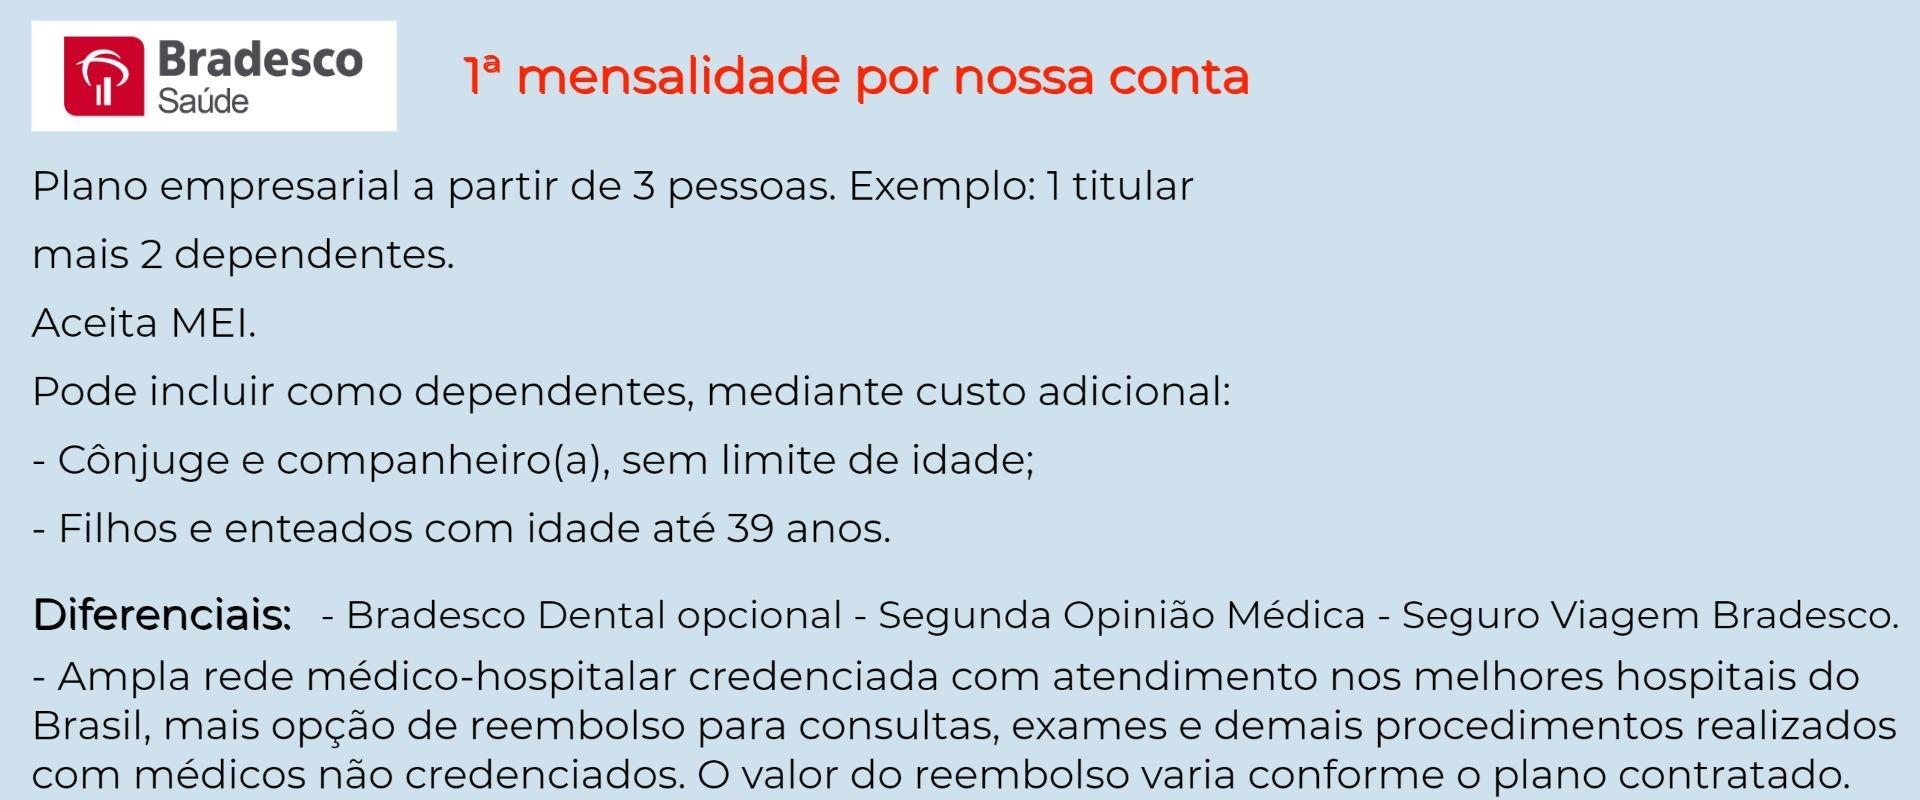 Bradesco Saúde Empresarial - Mairiporã